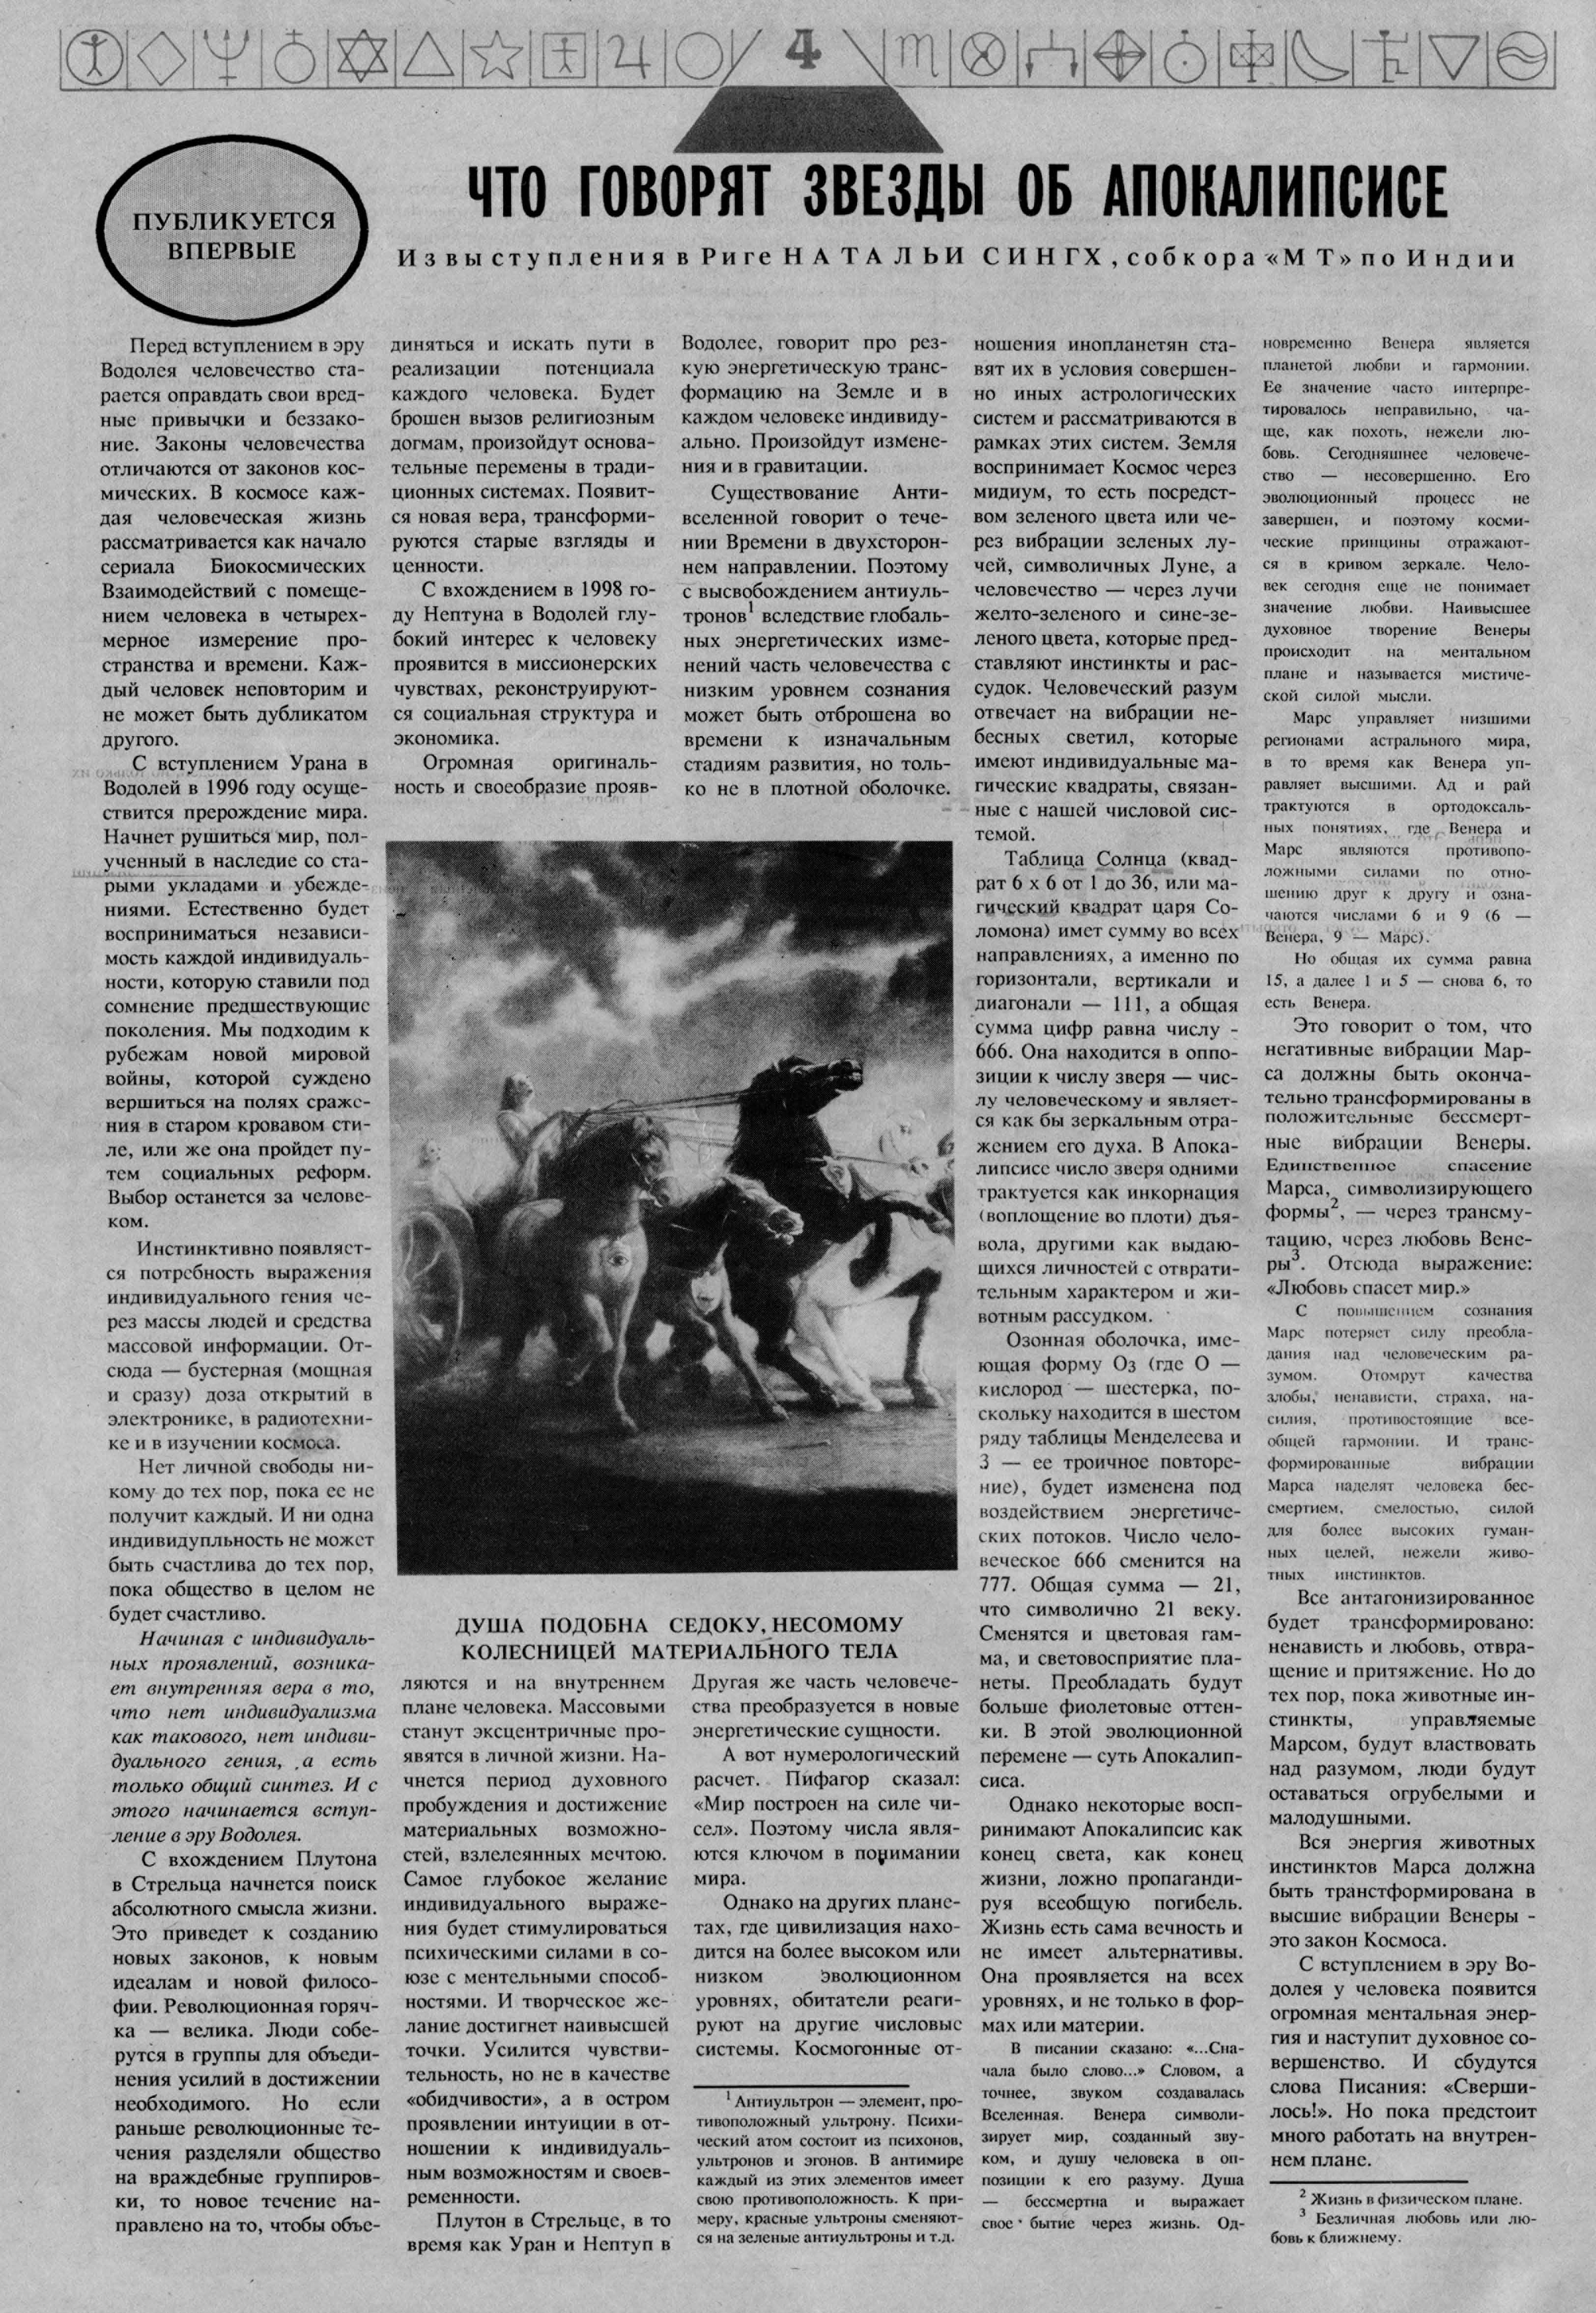 М-ский треугольник #24 (1992)_Страница_04.jpg